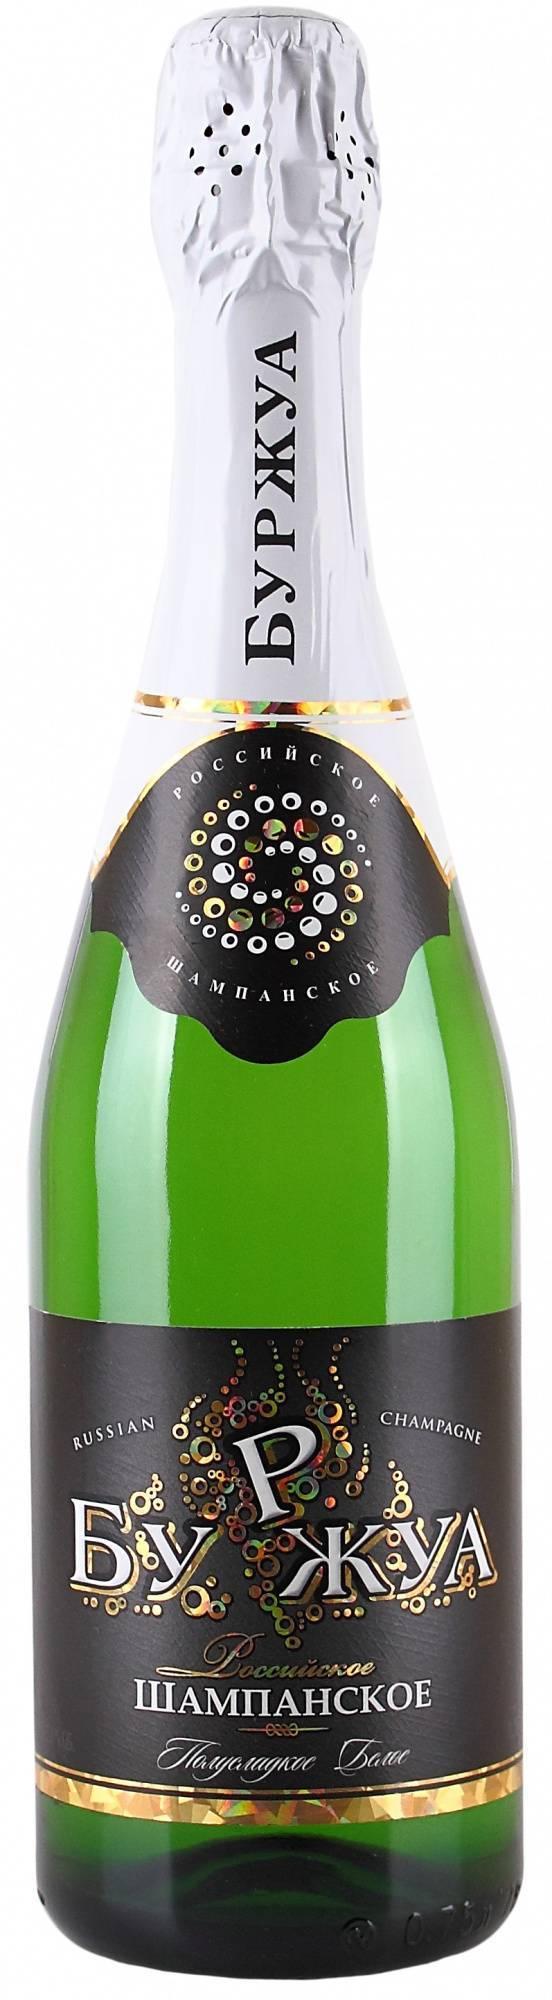 Обзор шампанского боско